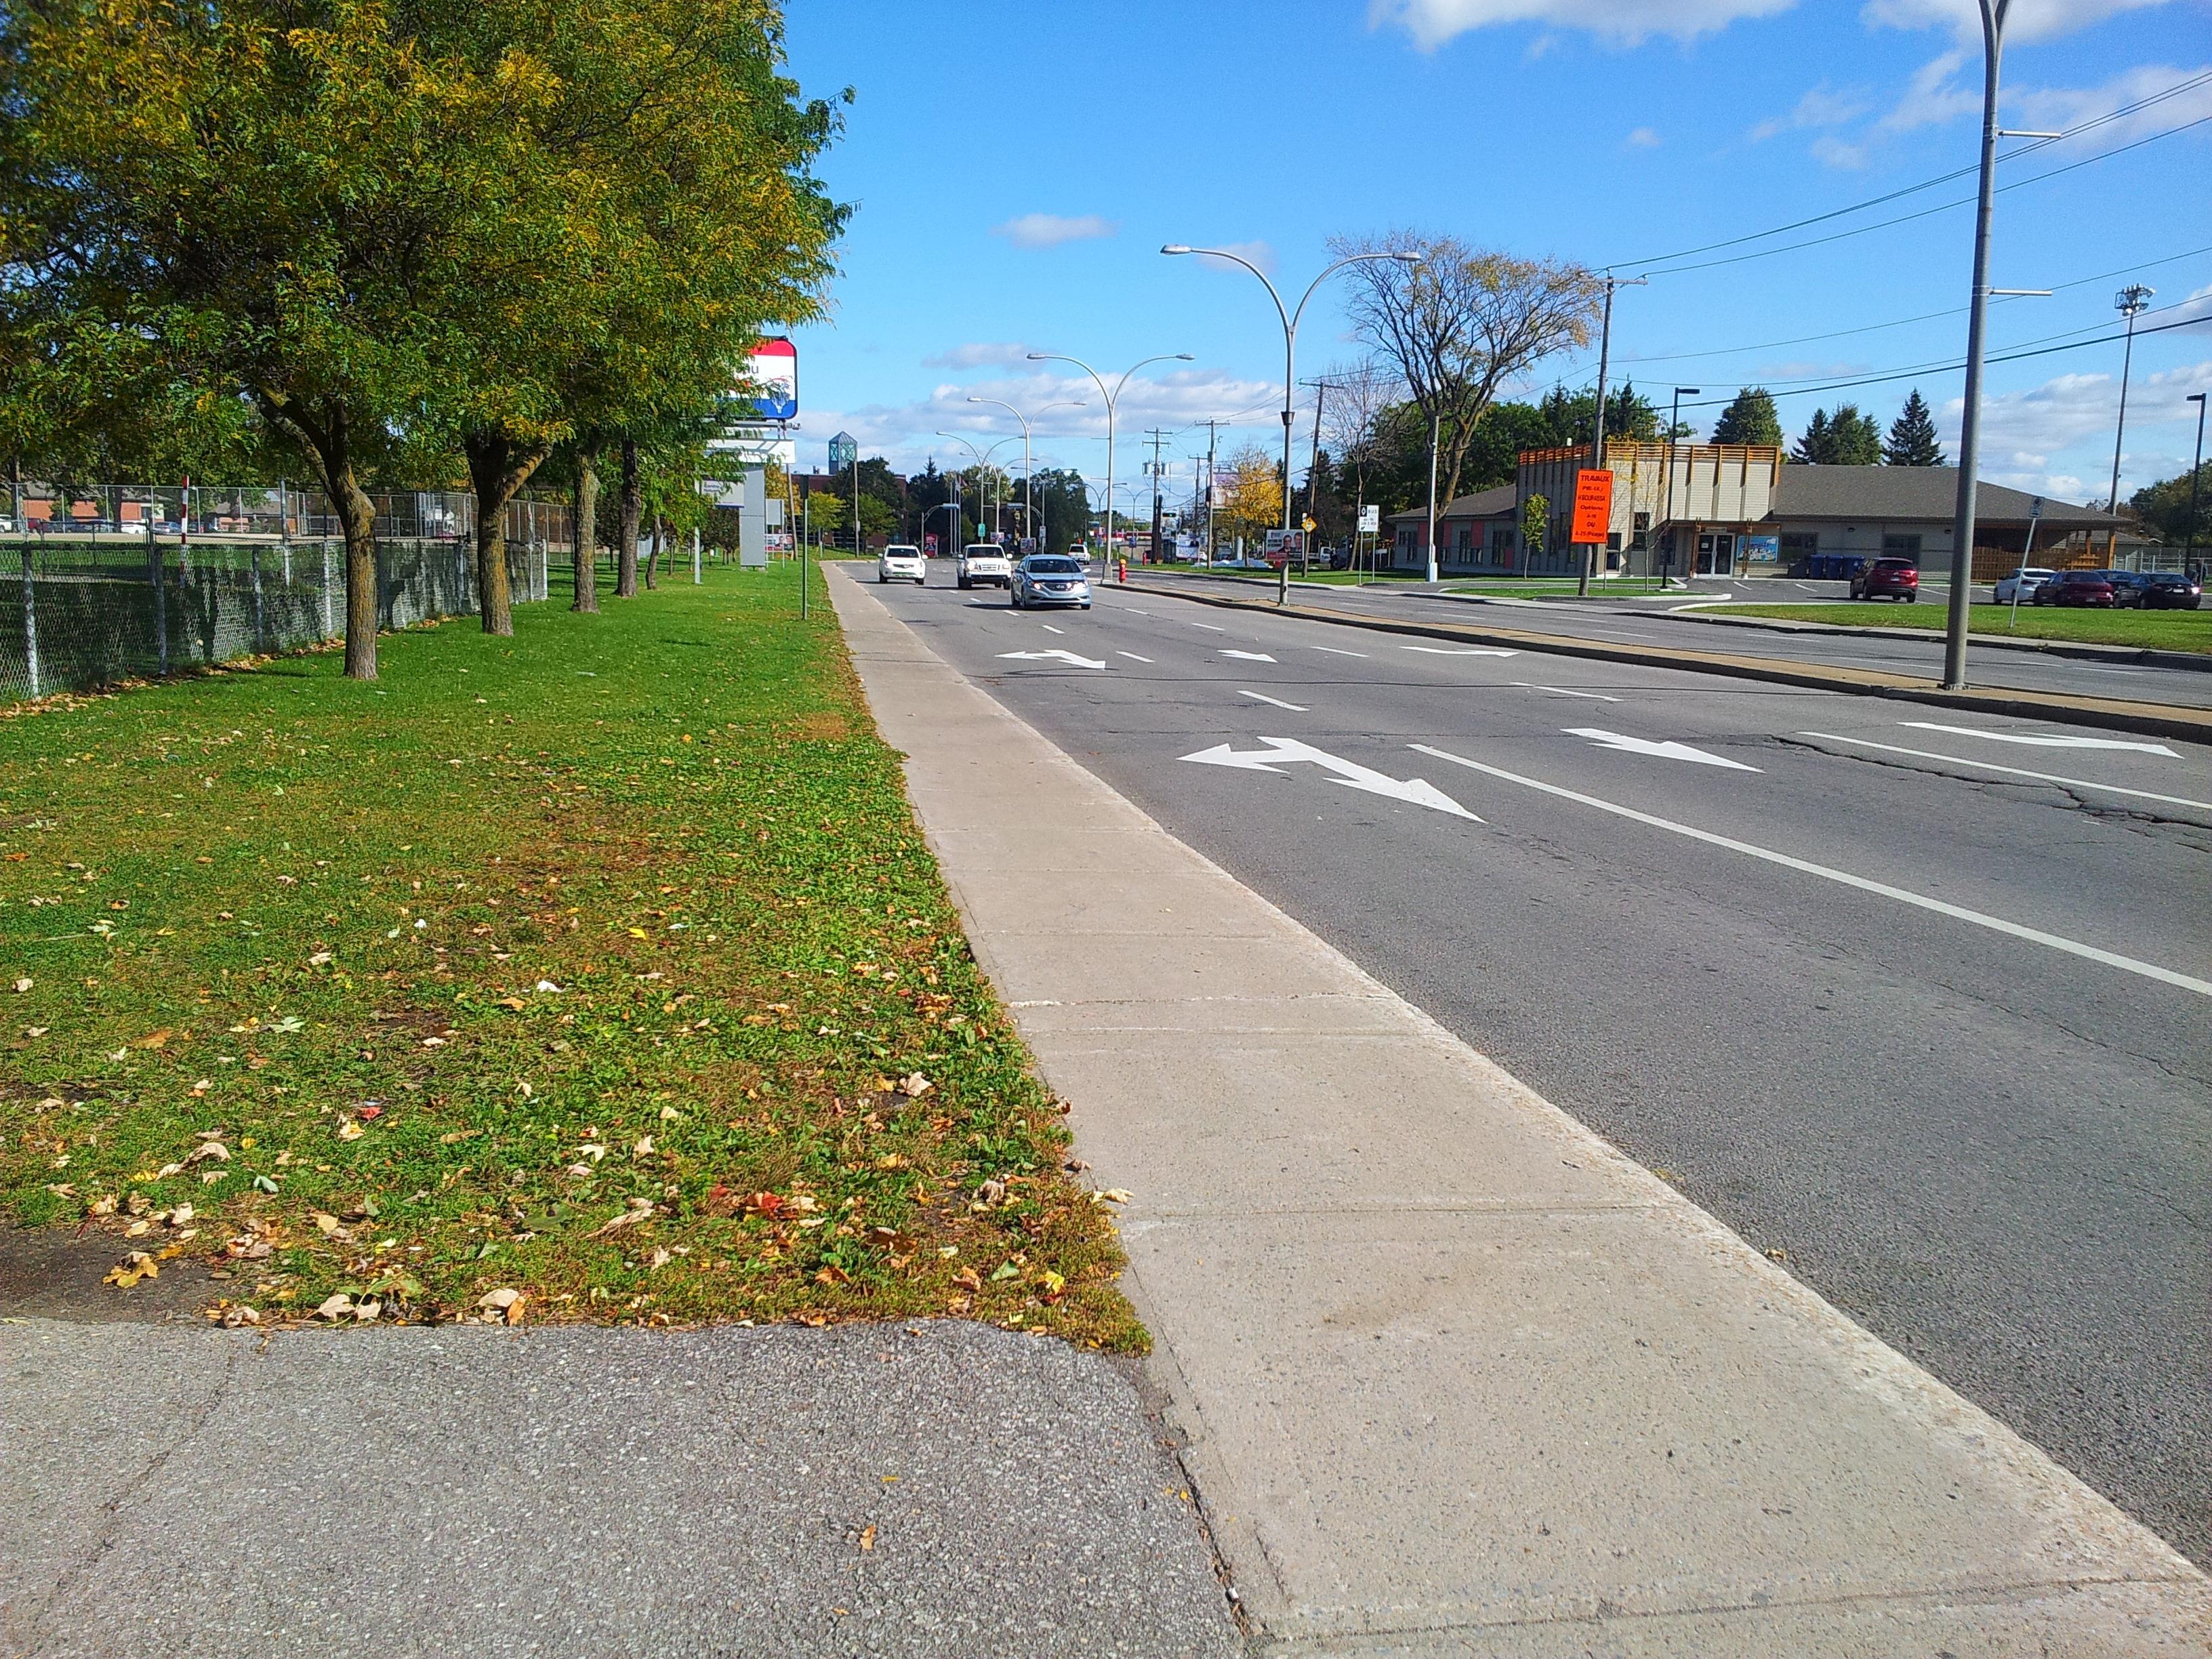 картинка с изображением тротуара этих двух цветов